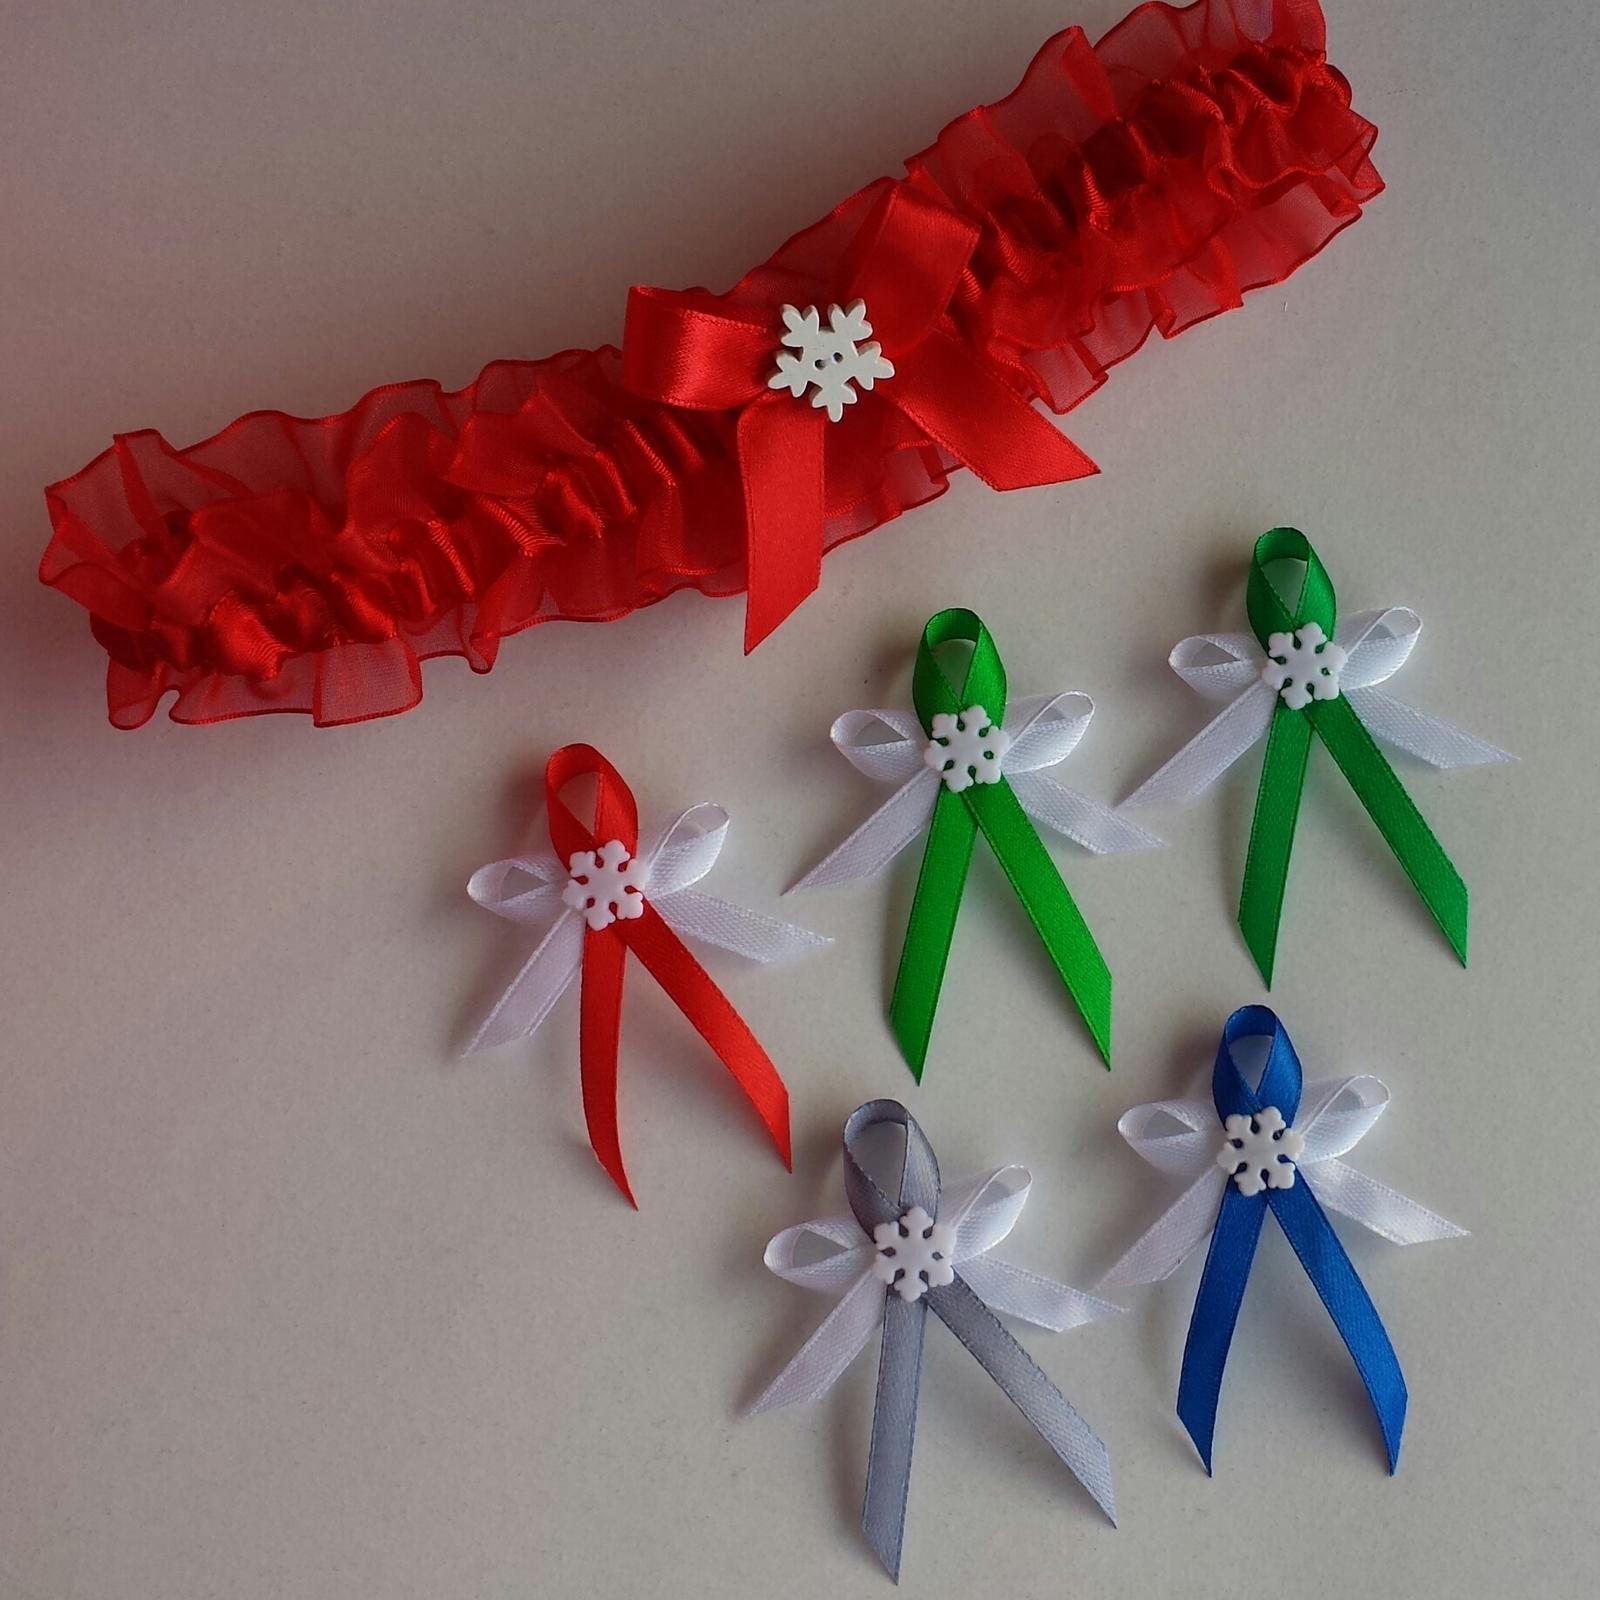 Vánoční / zimní vývazky - vločka - Obrázek č. 1